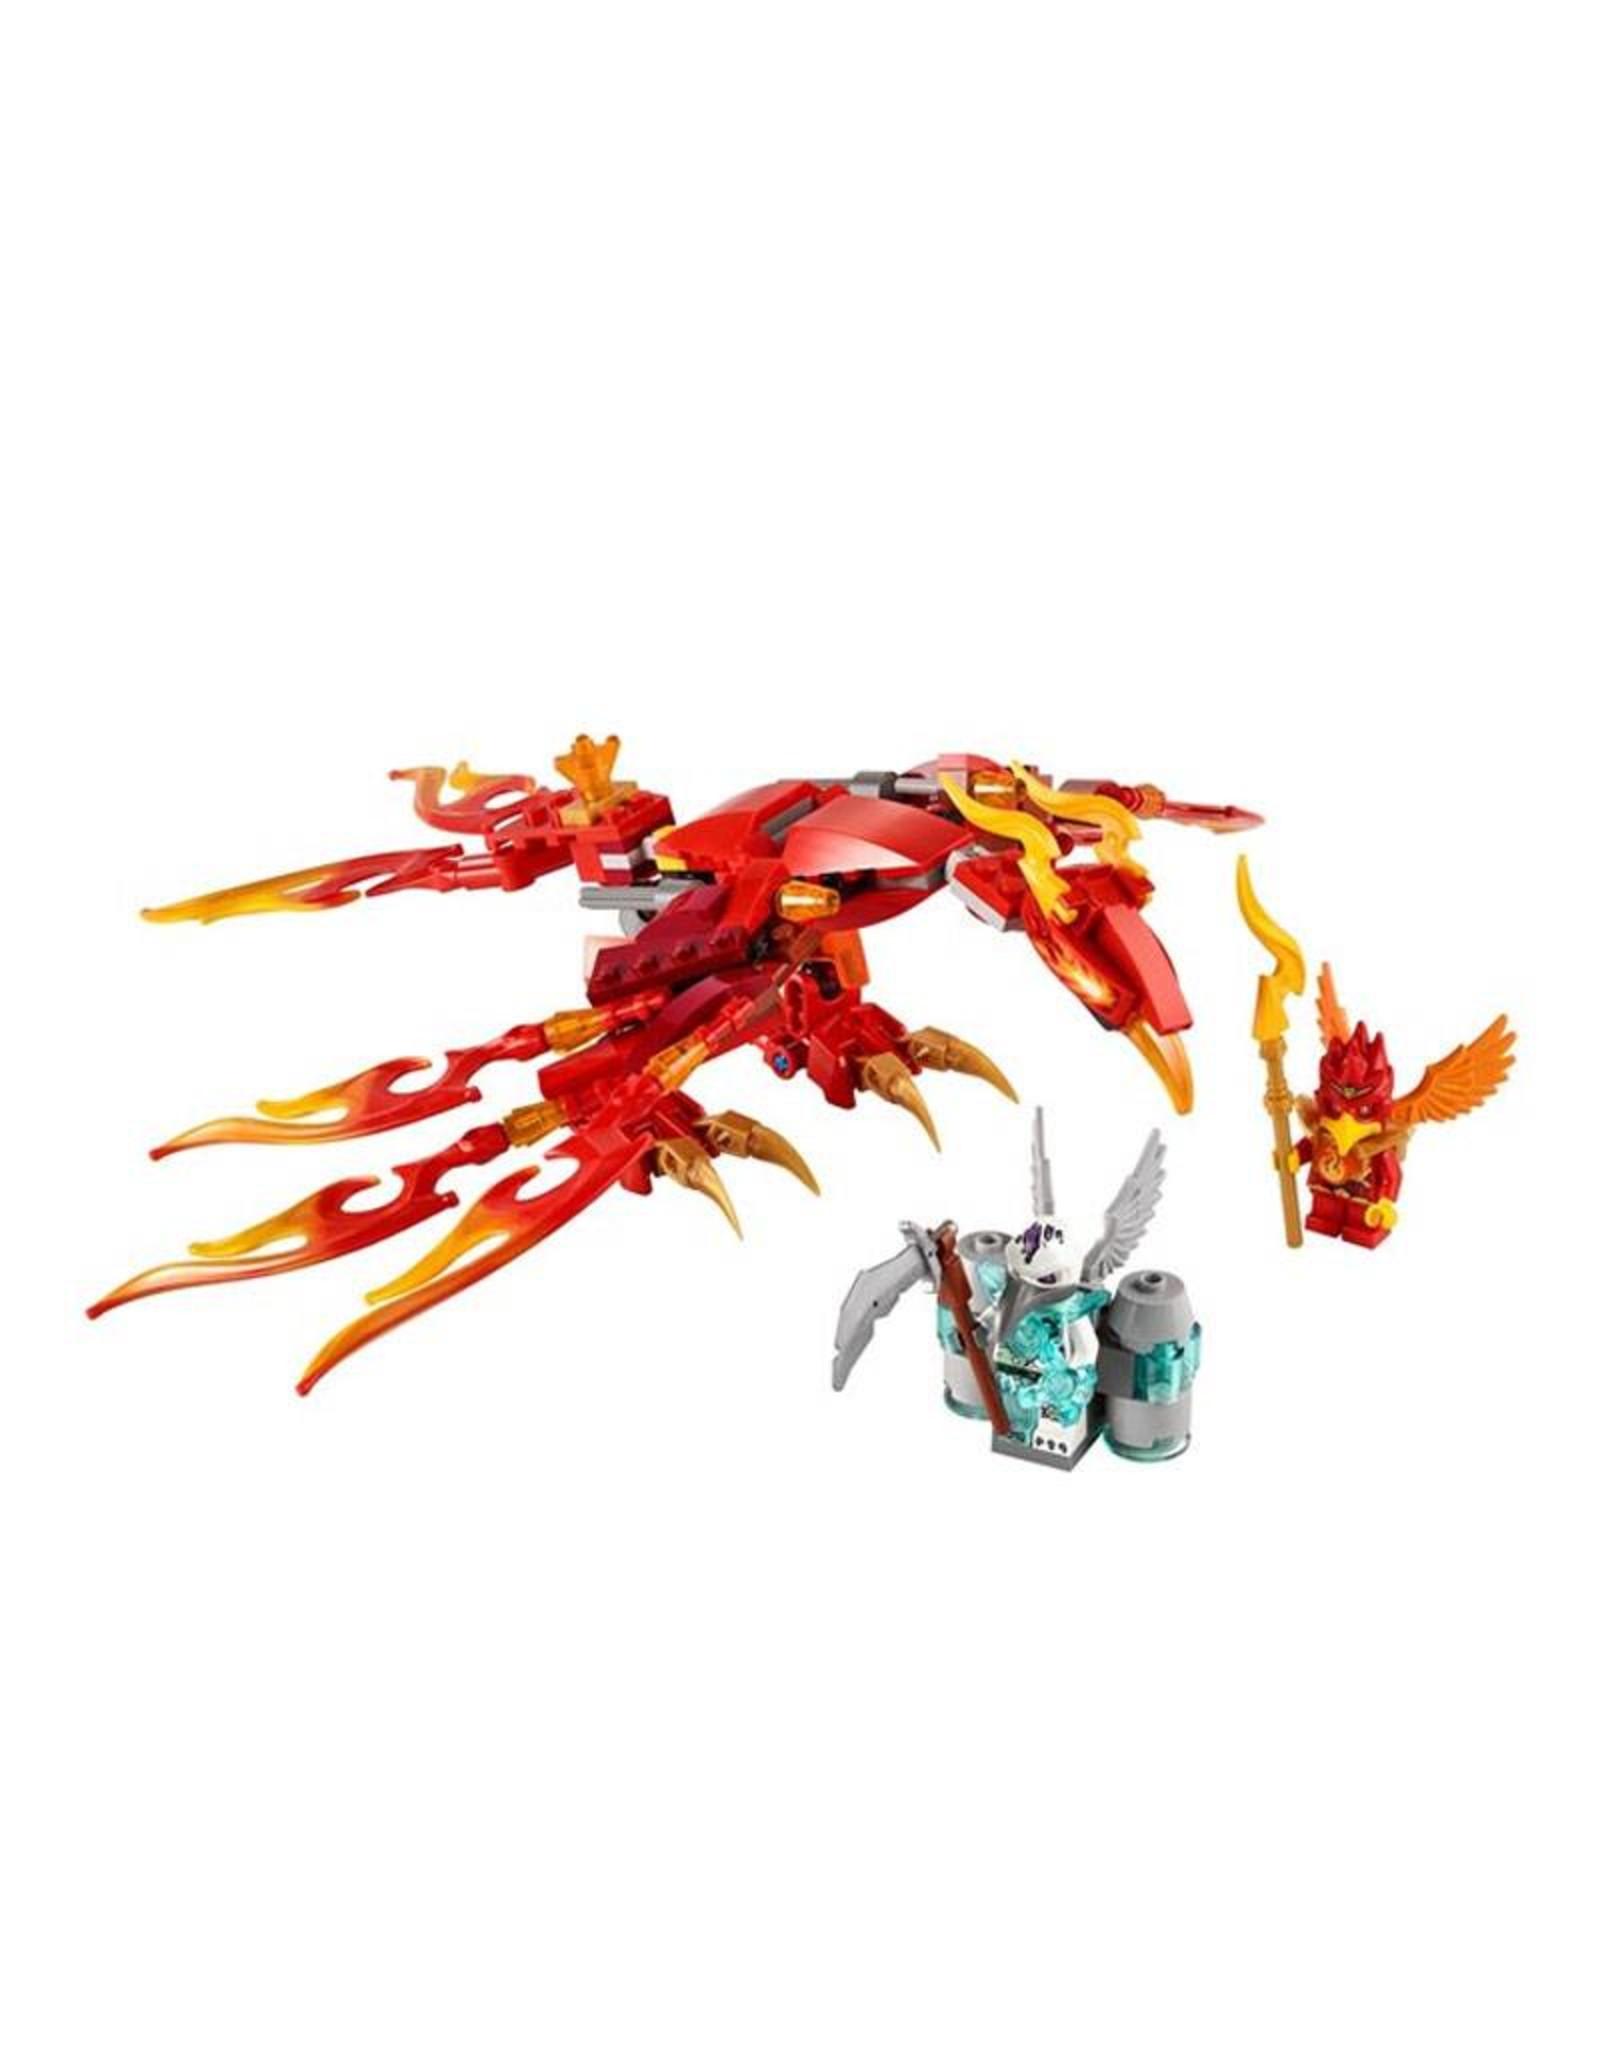 LEGO LEGO 70221 Flinx's Ultimate Phoenix CHIMA